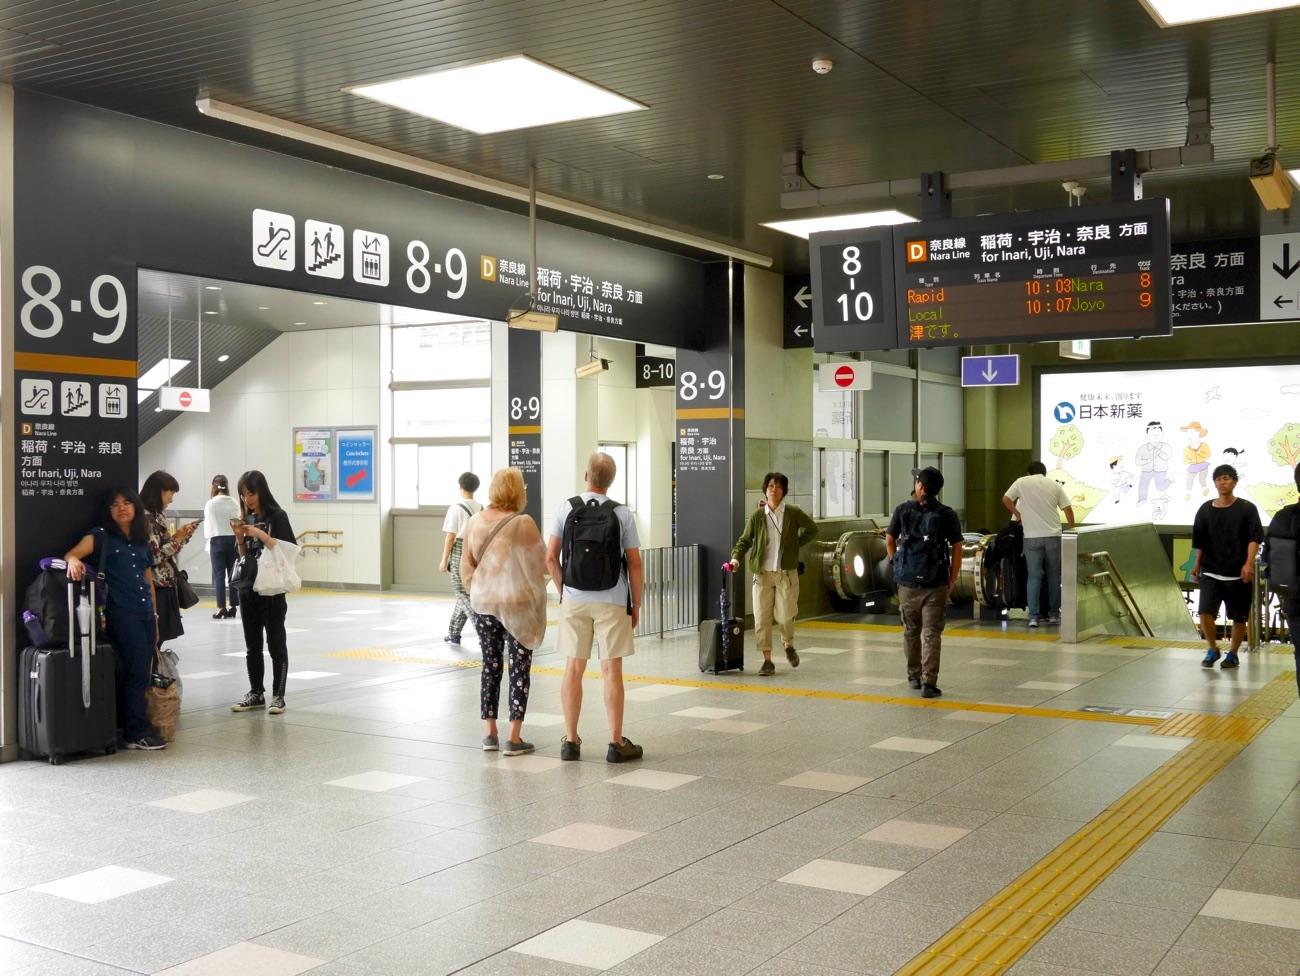 奈良線は京都駅の8-10番のりば